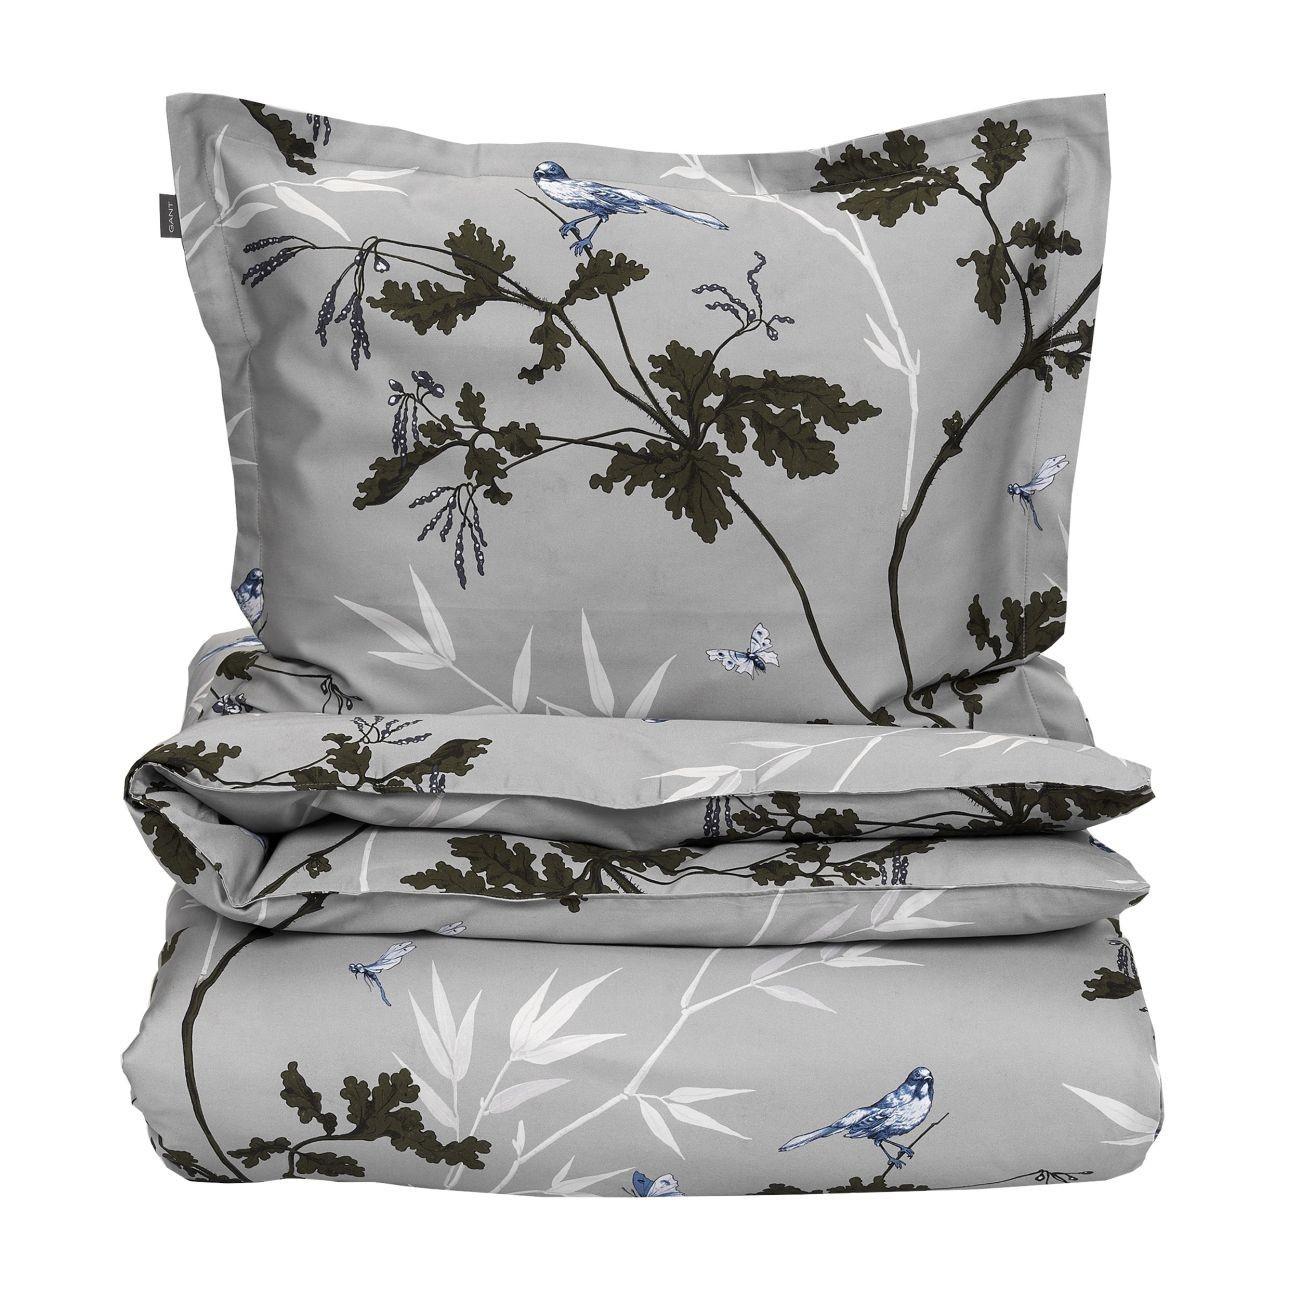 gant home birdfield duvet bettdeckenbezug online kaufen bei woonio. Black Bedroom Furniture Sets. Home Design Ideas